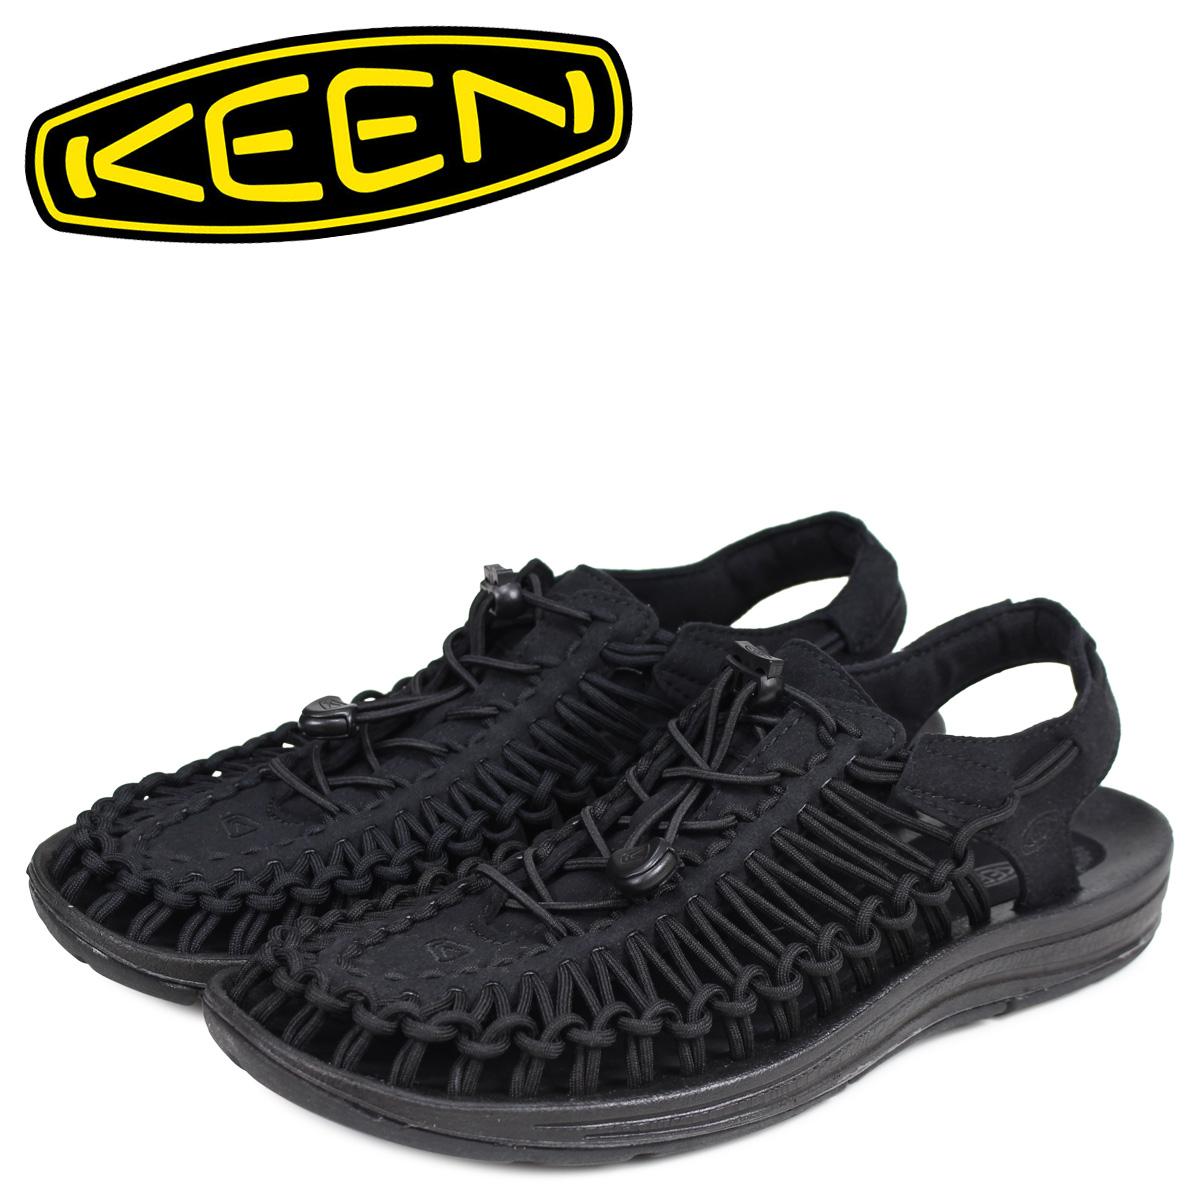 KEEN キーン ユニーク サンダル スポーツサンダル メンズ UNEEK ブラック 黒 1014097